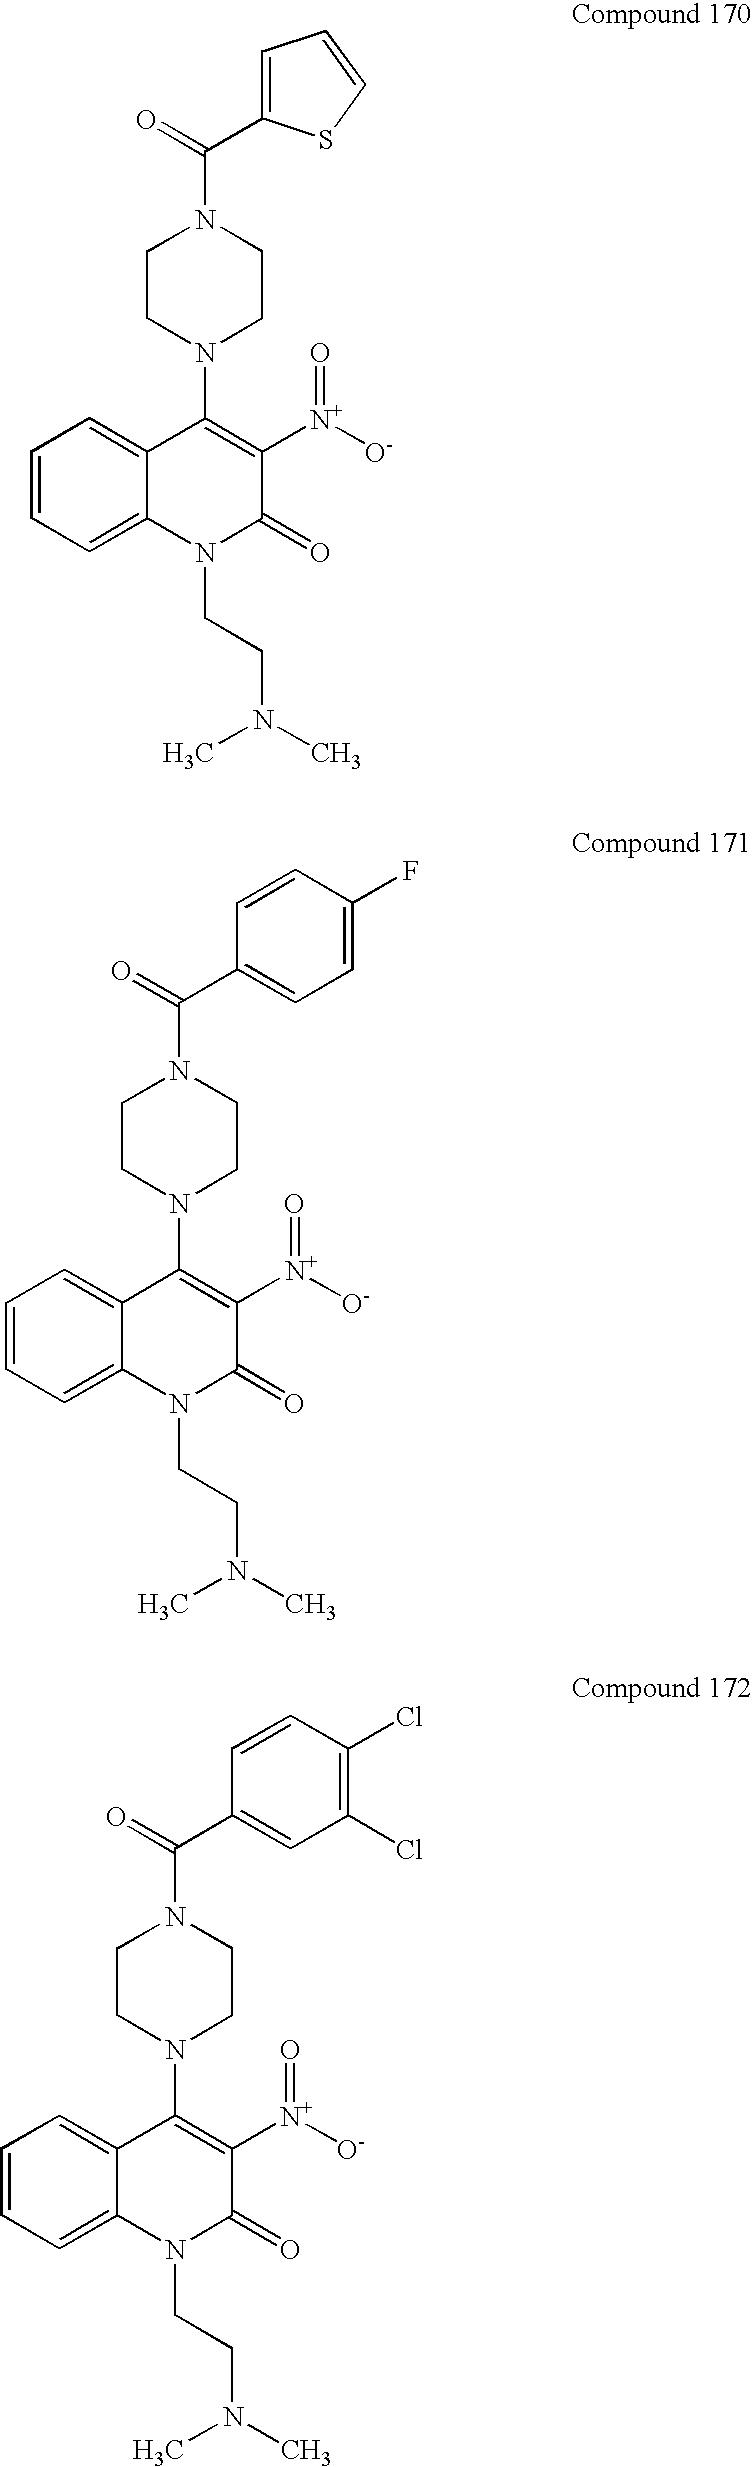 Figure US07230106-20070612-C00106